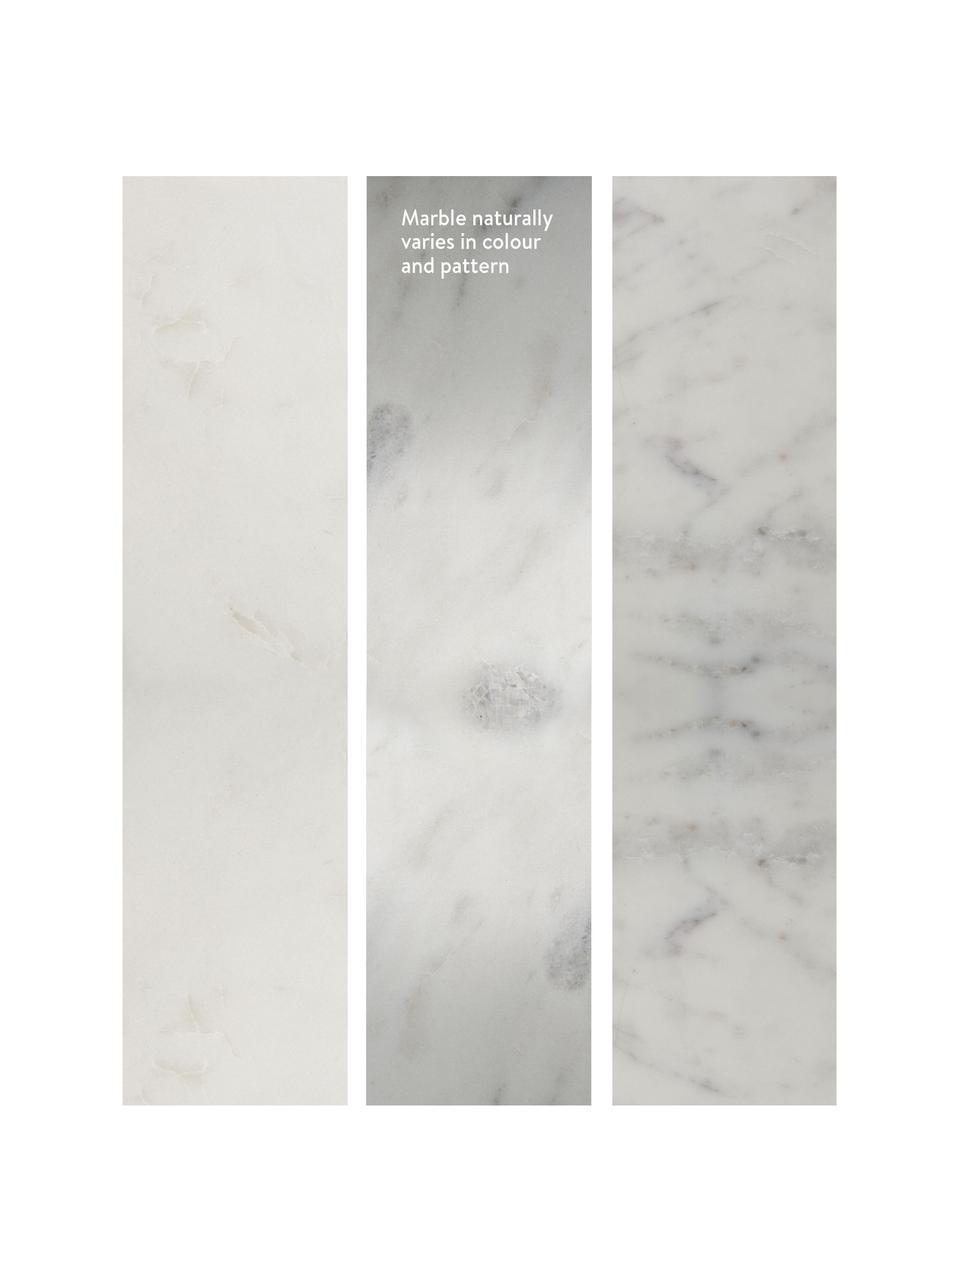 Marmor-Beistelltisch Alys, Tischplatte: Marmor, Gestell: Metall, pulverbeschichtet, Weißer Marmor, Silberfarben, 45 x 50 cm